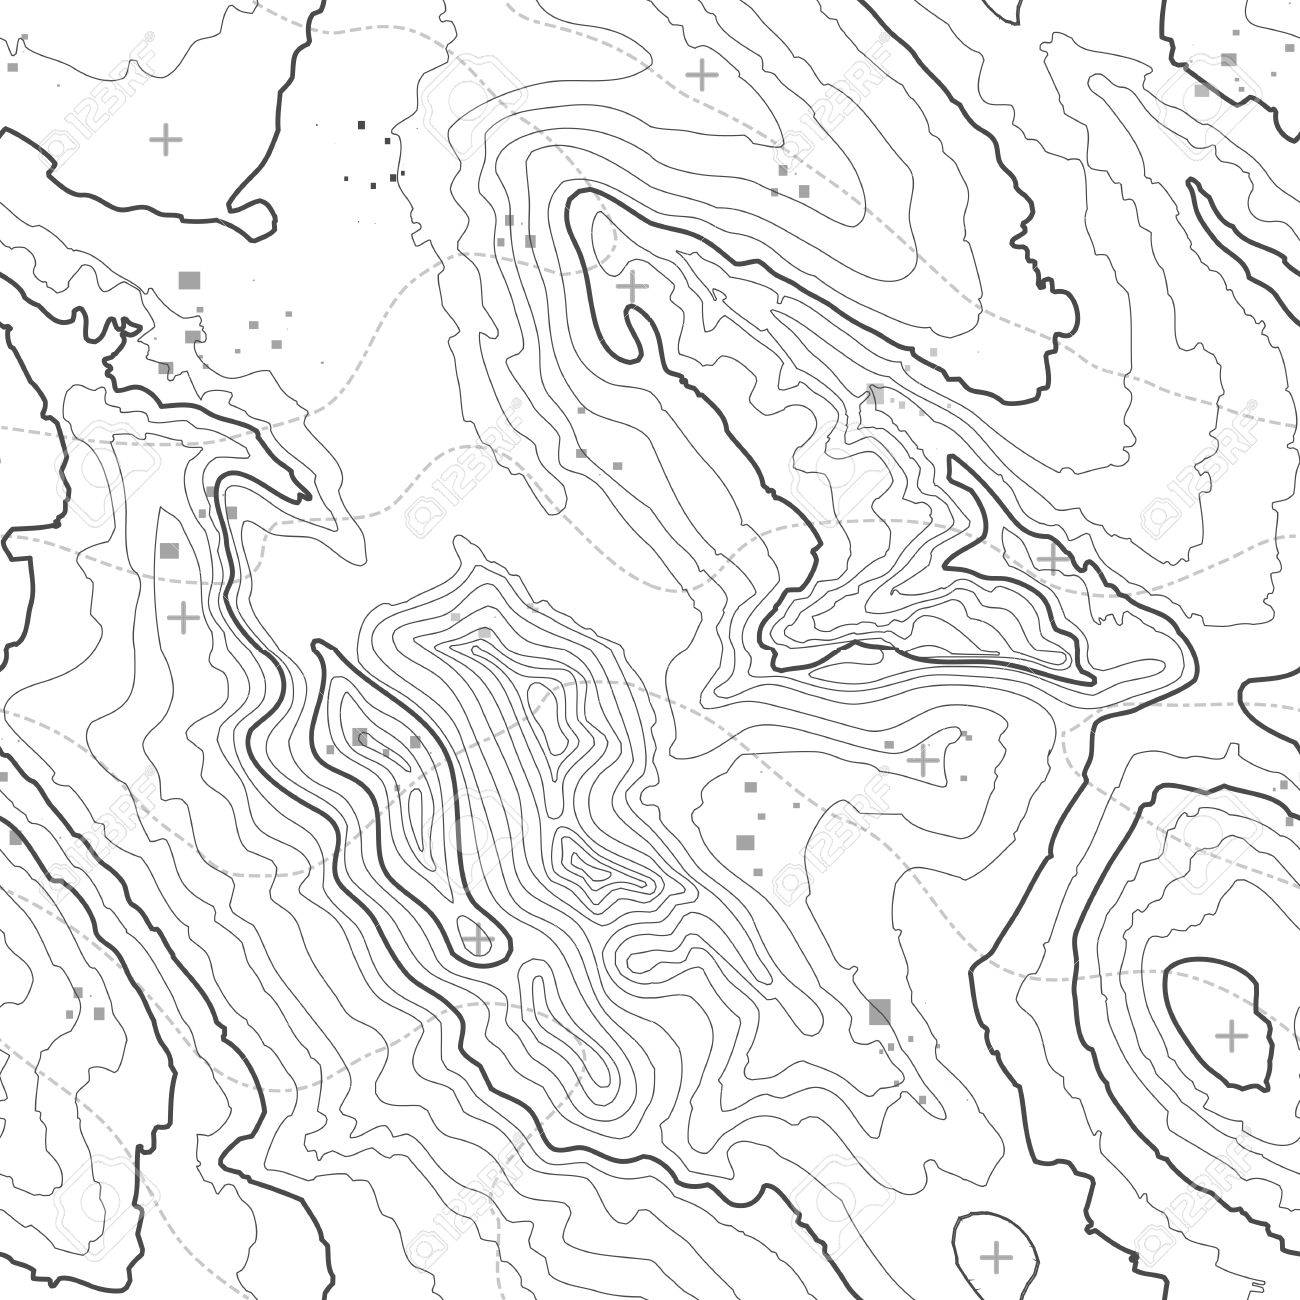 topographie karte Topographische Karte Hintergrund Konzept Mit Platz Für Ihre Kopie